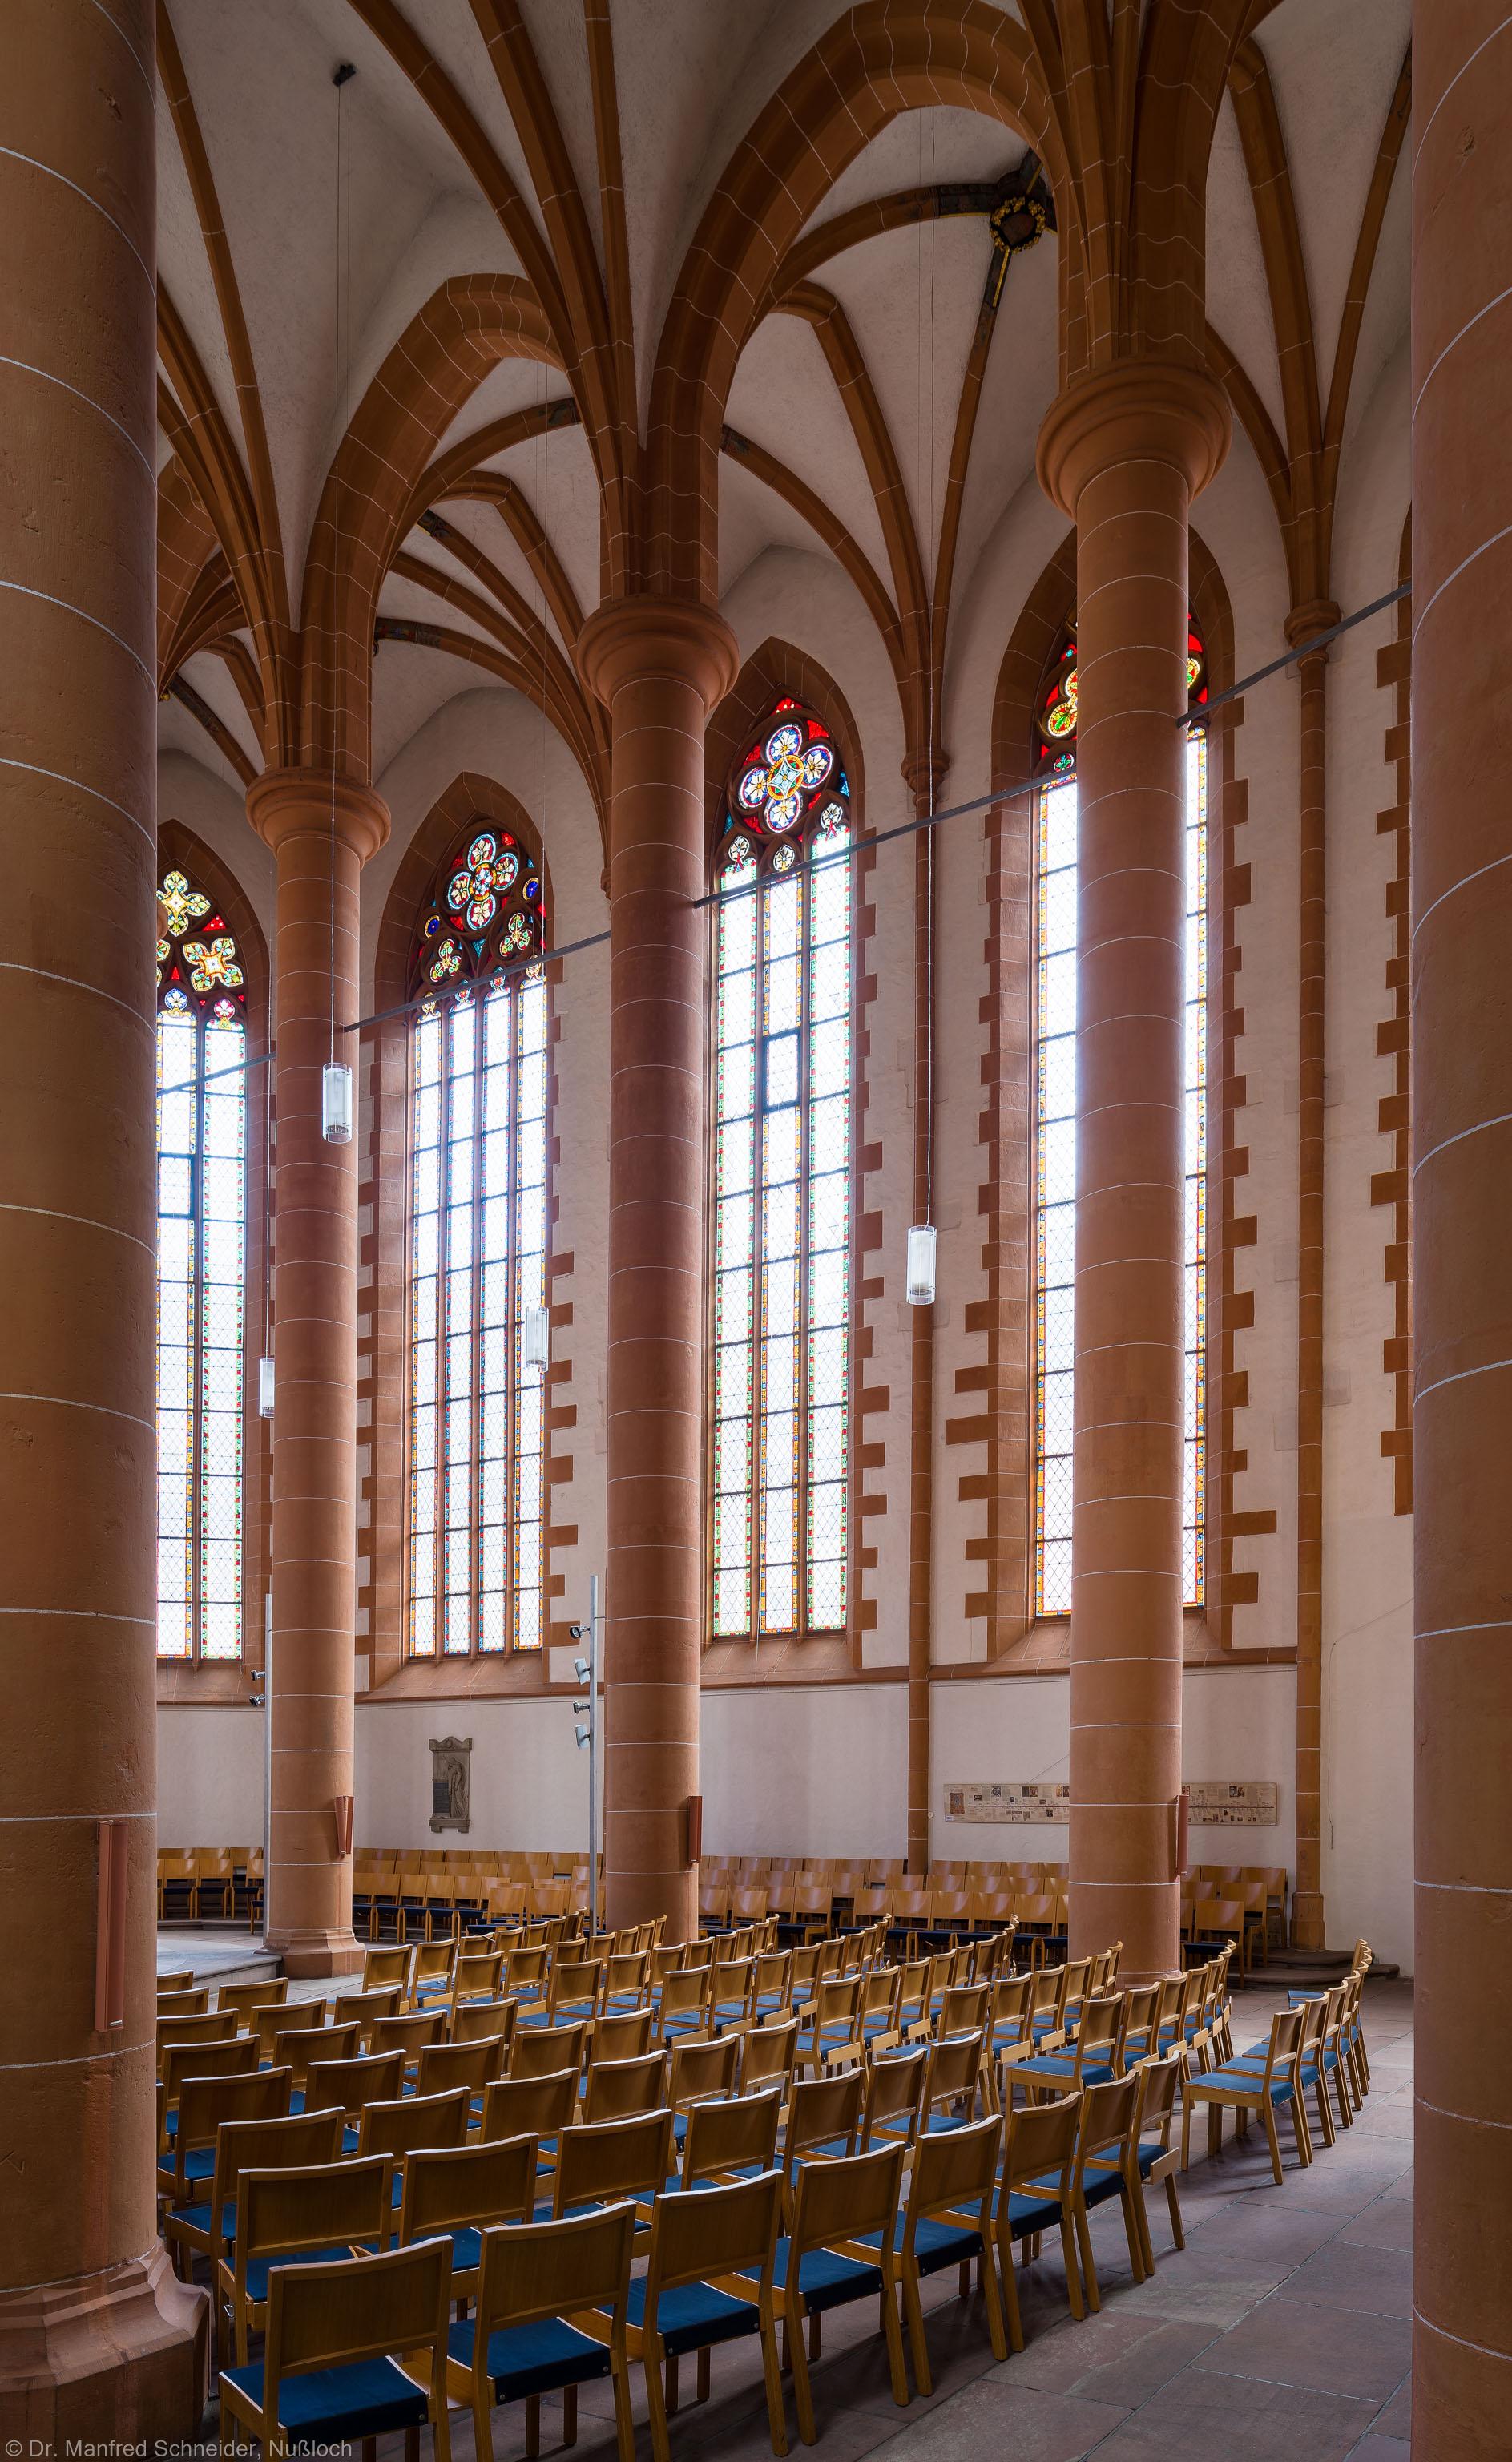 Heidelberg - Heiliggeistkirche - Chor - Blick in den Chor nach Südosten mit Säulen und Gewölbe (aufgenommen im Februar 2014, am späten Nachmittag)